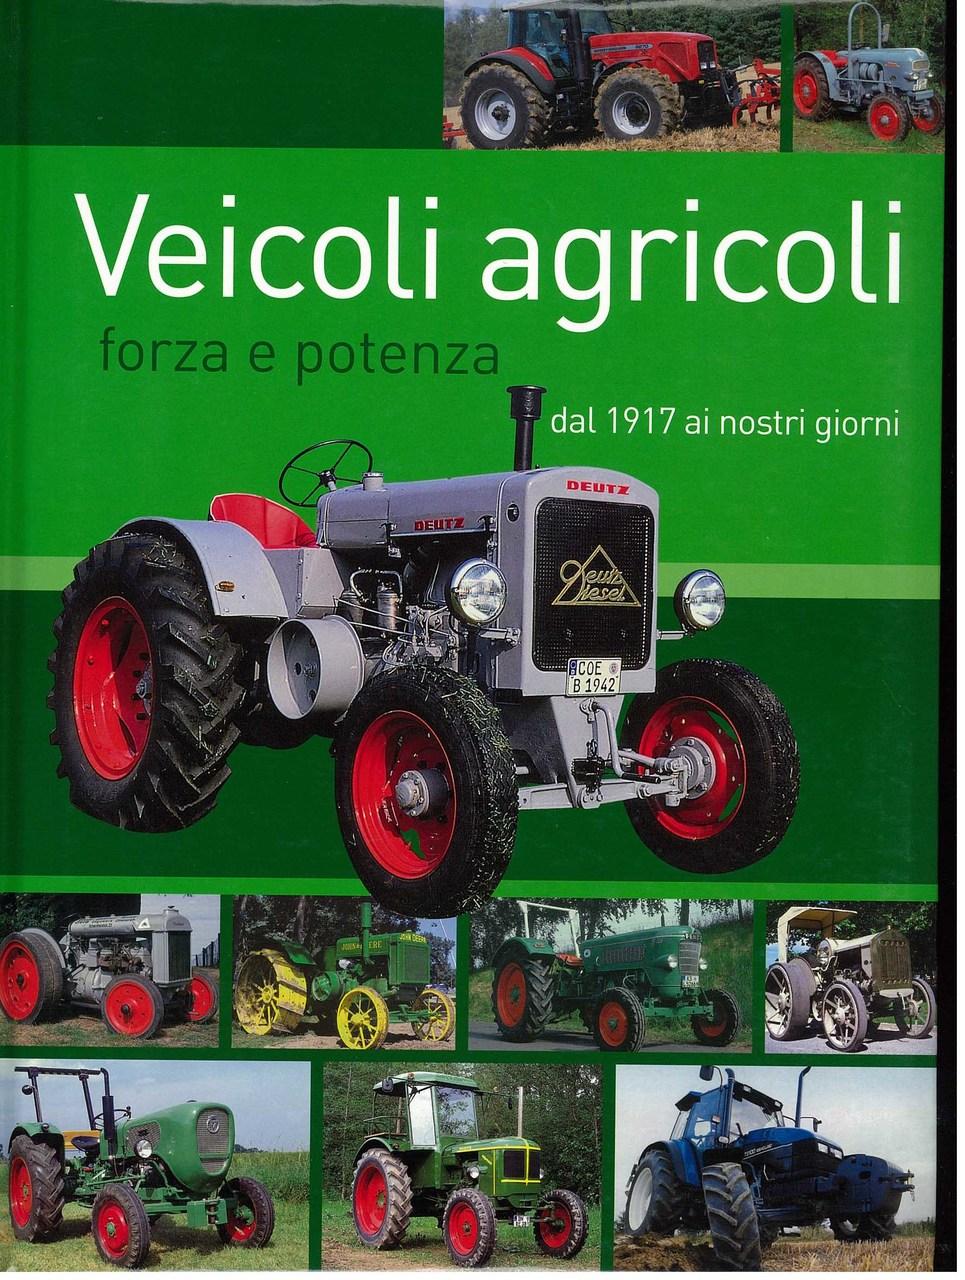 PAULITZ Udo, VEICOLI AGRICOLI FORZA E POTENZA DAL 1917 AI GIORNI NOSTRI, Vimodrone, Giorgio Nada editore, 2009